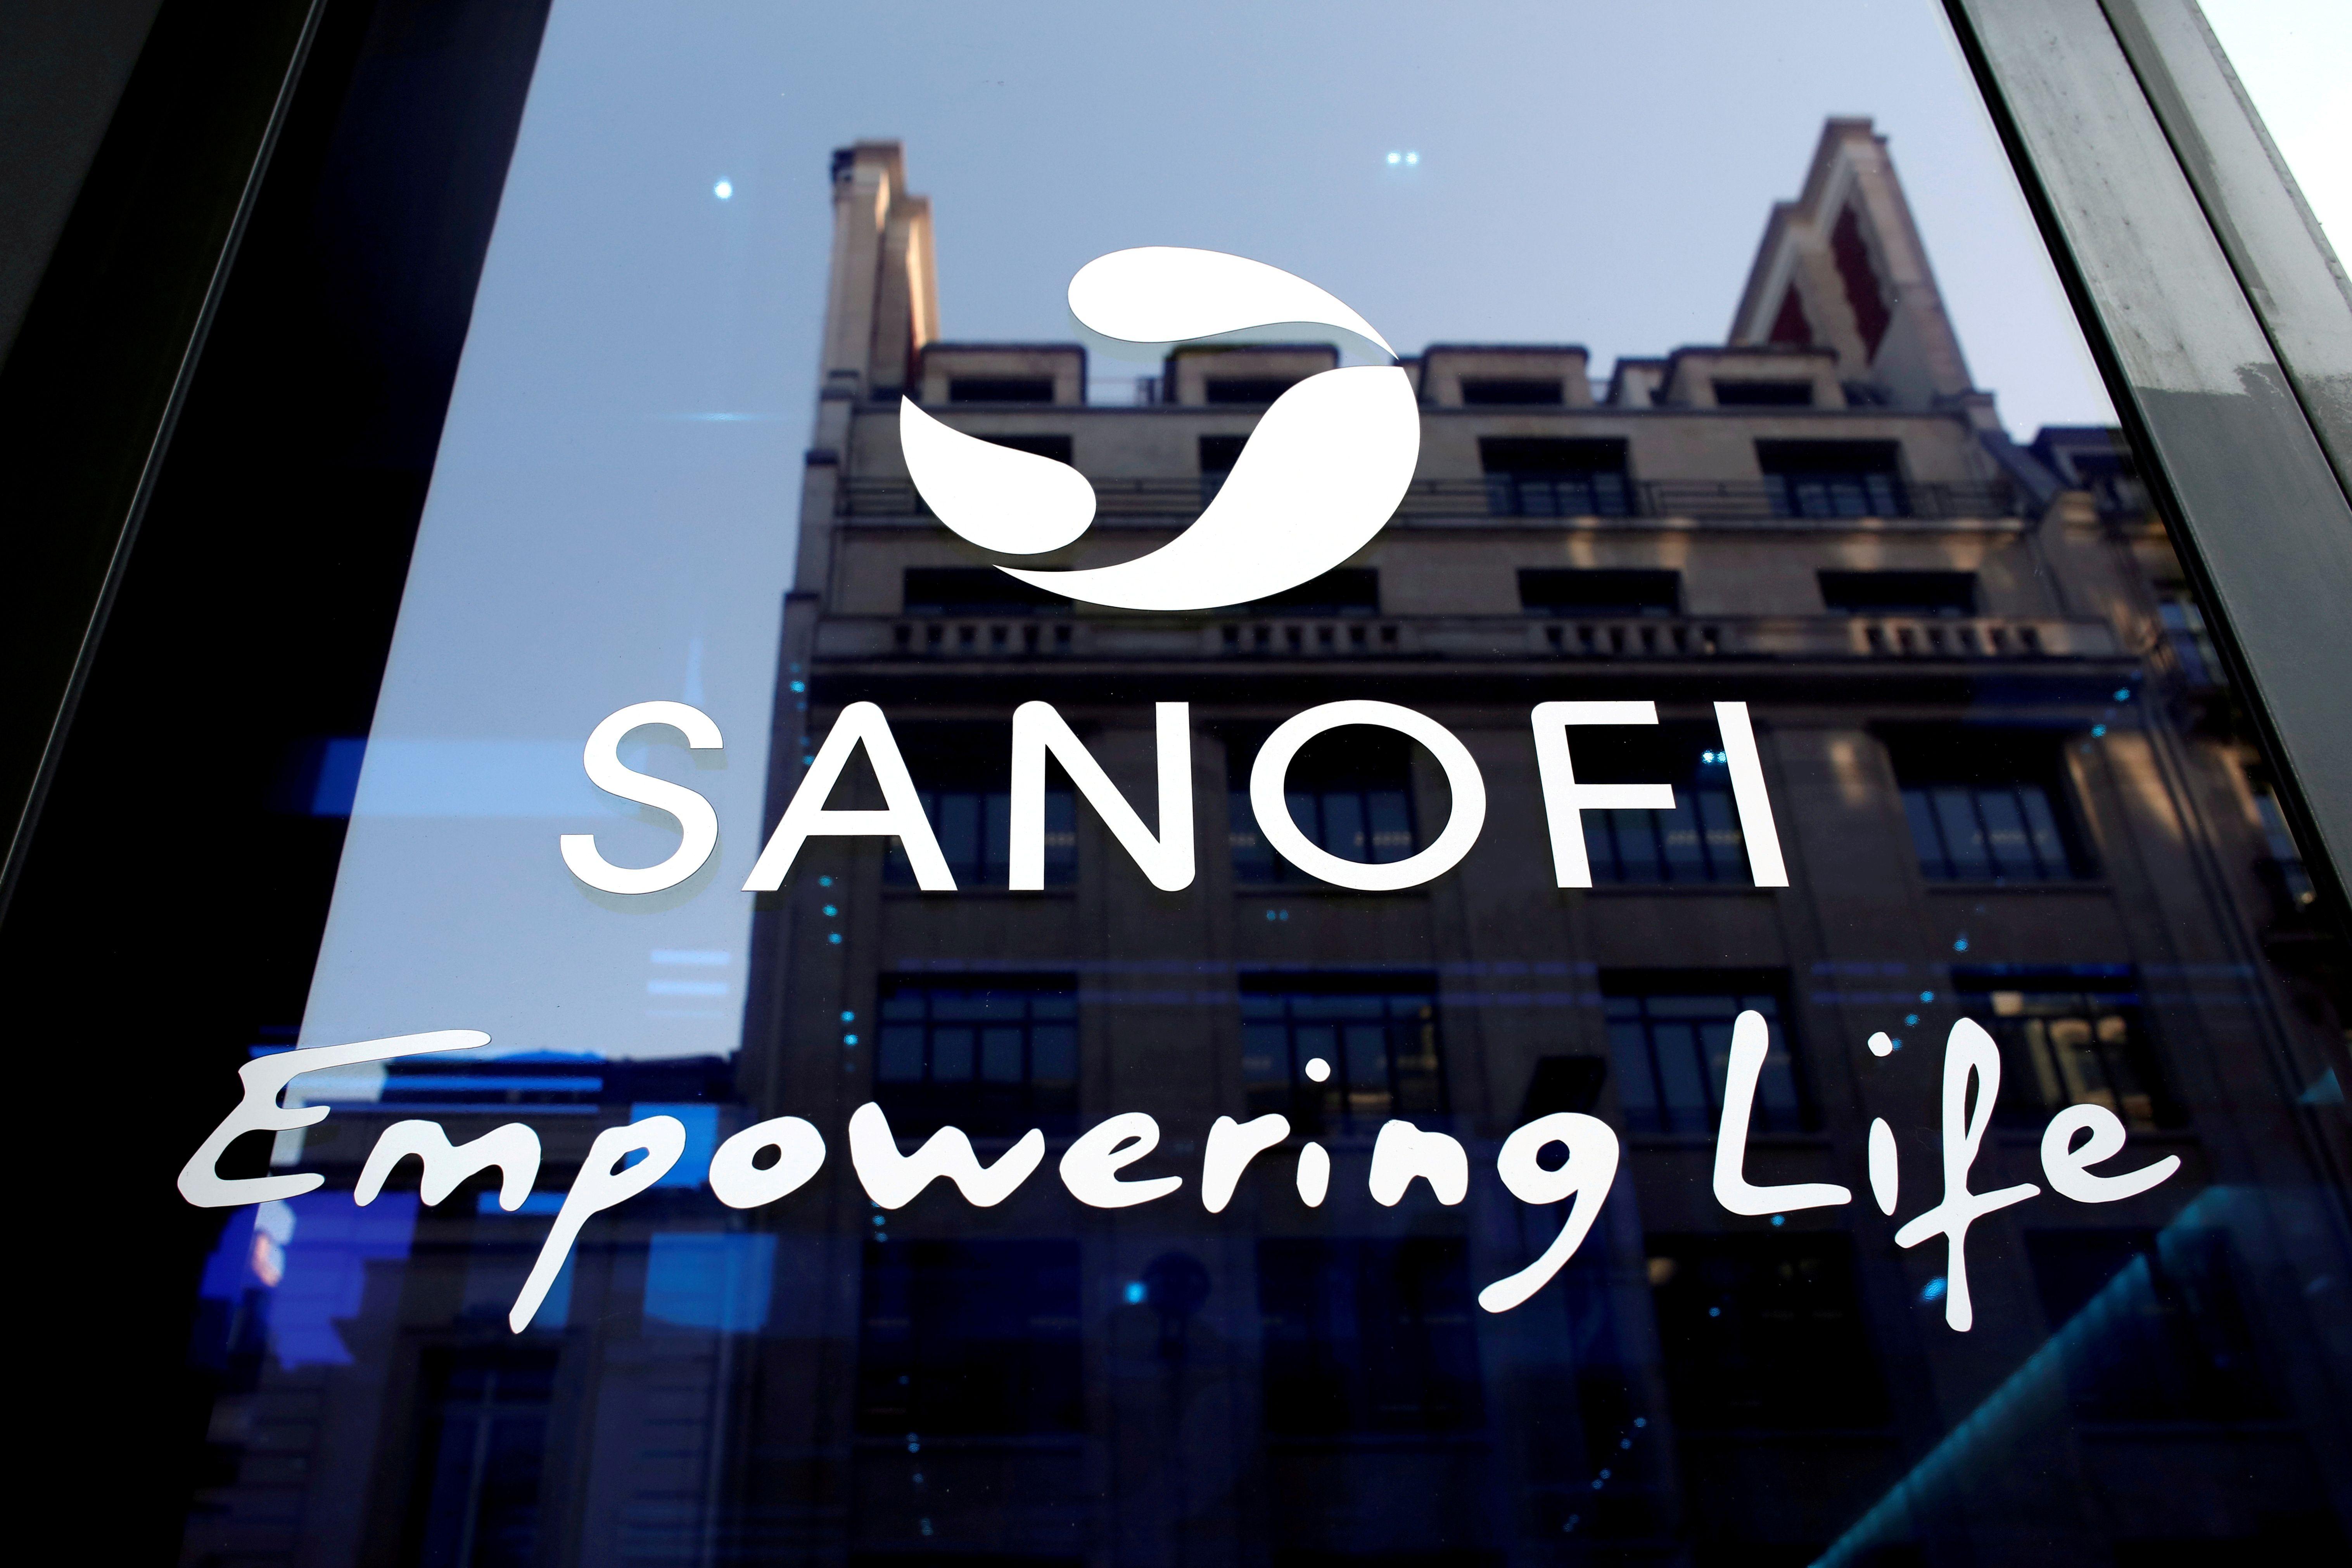 Le Français Sanofi a annoncé avoir renoncé au développement d'un vaccin contre le Covid utilisant la...